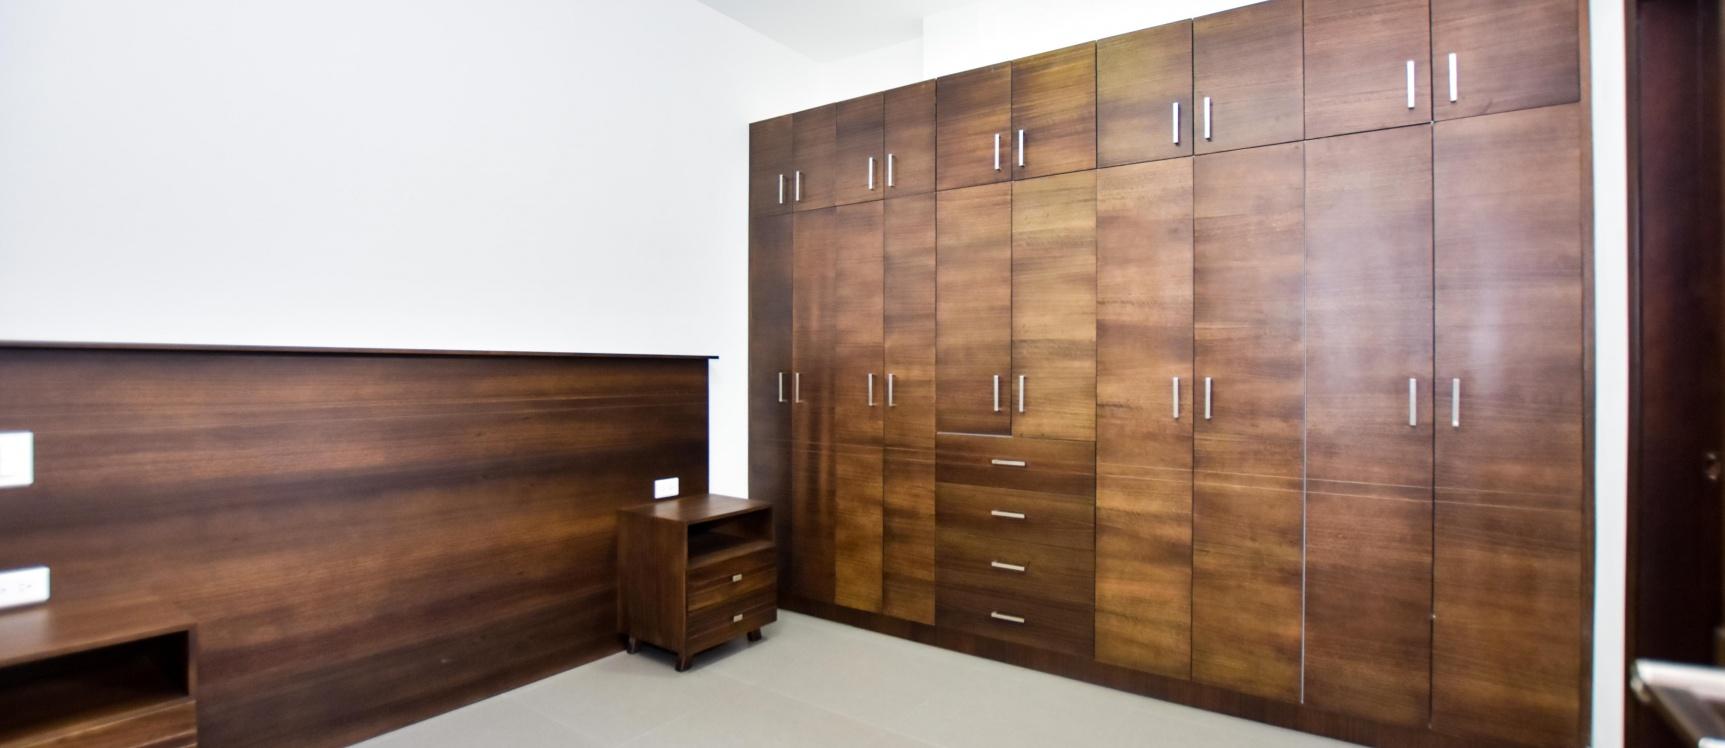 GeoBienes - Departamento por estrenar en alquiler en Vía Samborondón - Plusvalia Guayaquil Casas de venta y alquiler Inmobiliaria Ecuador